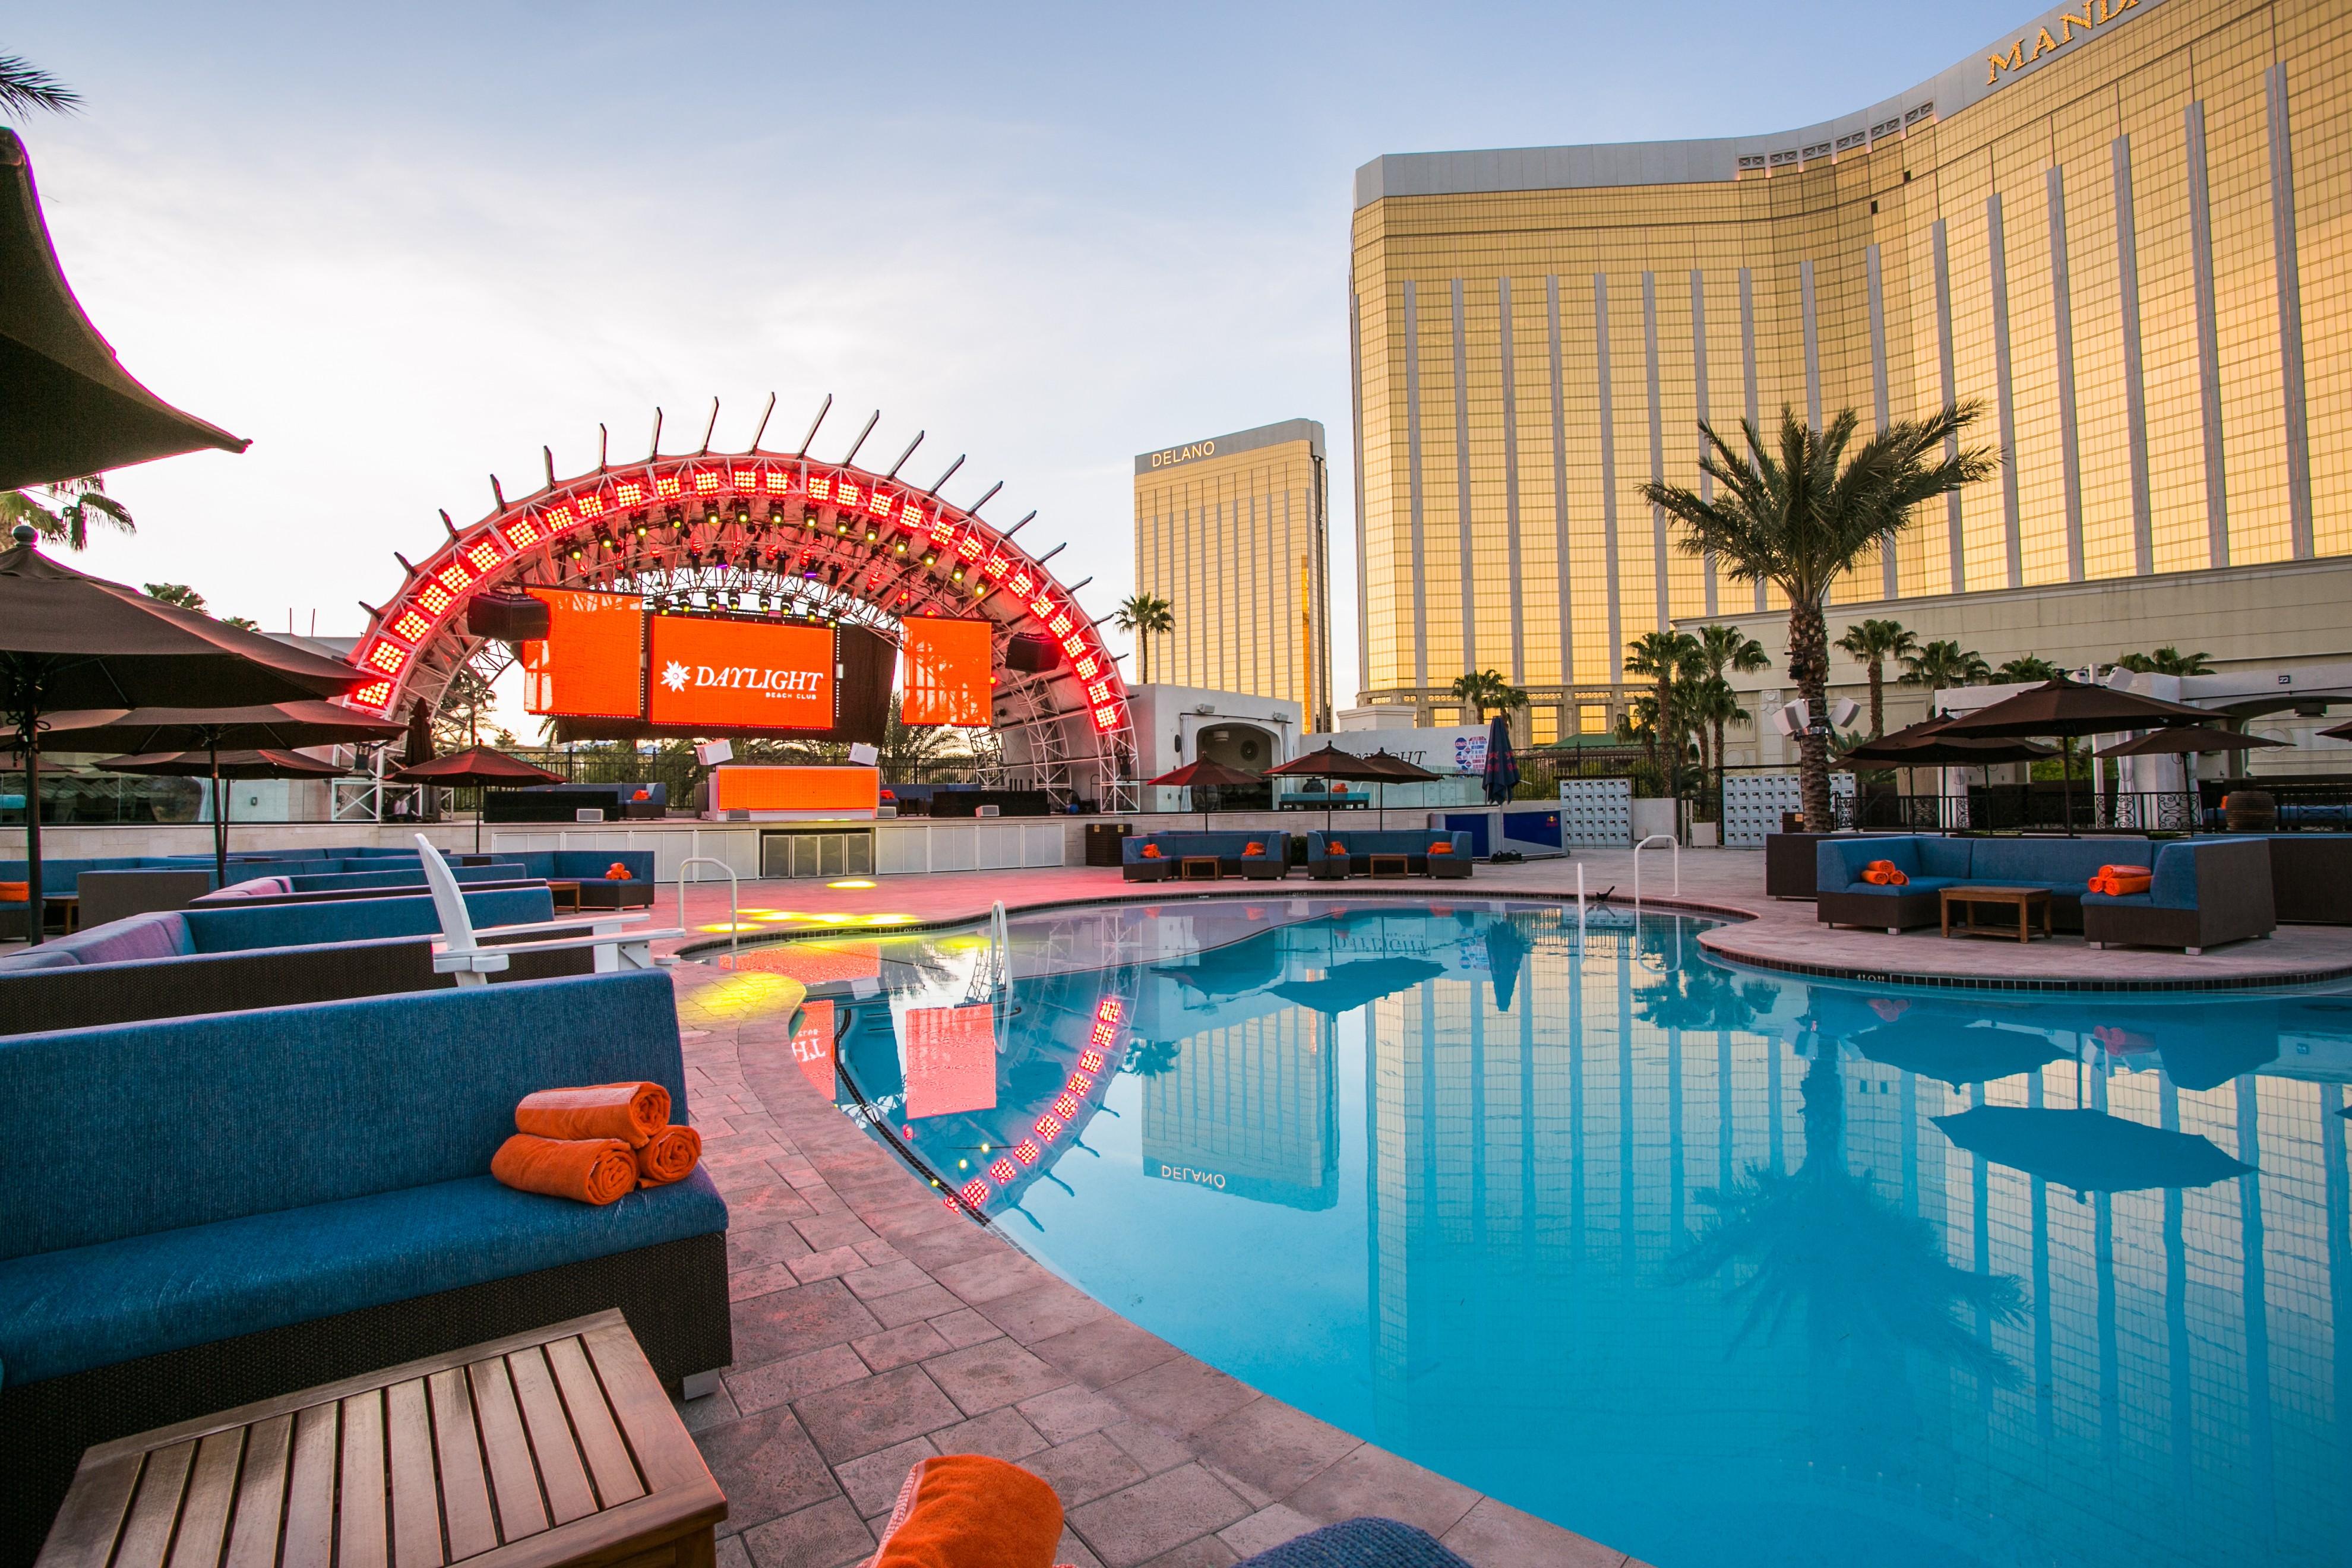 A pool scene